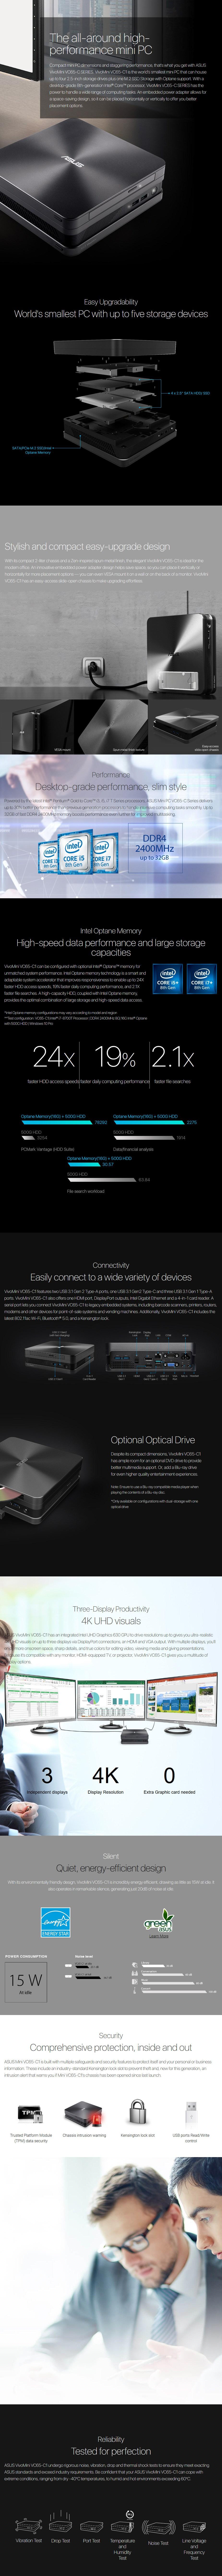 ASUS VivoMini VC65 Barebone Kit - Intel 8th Gen i7-8700T - Desktop Overview 1